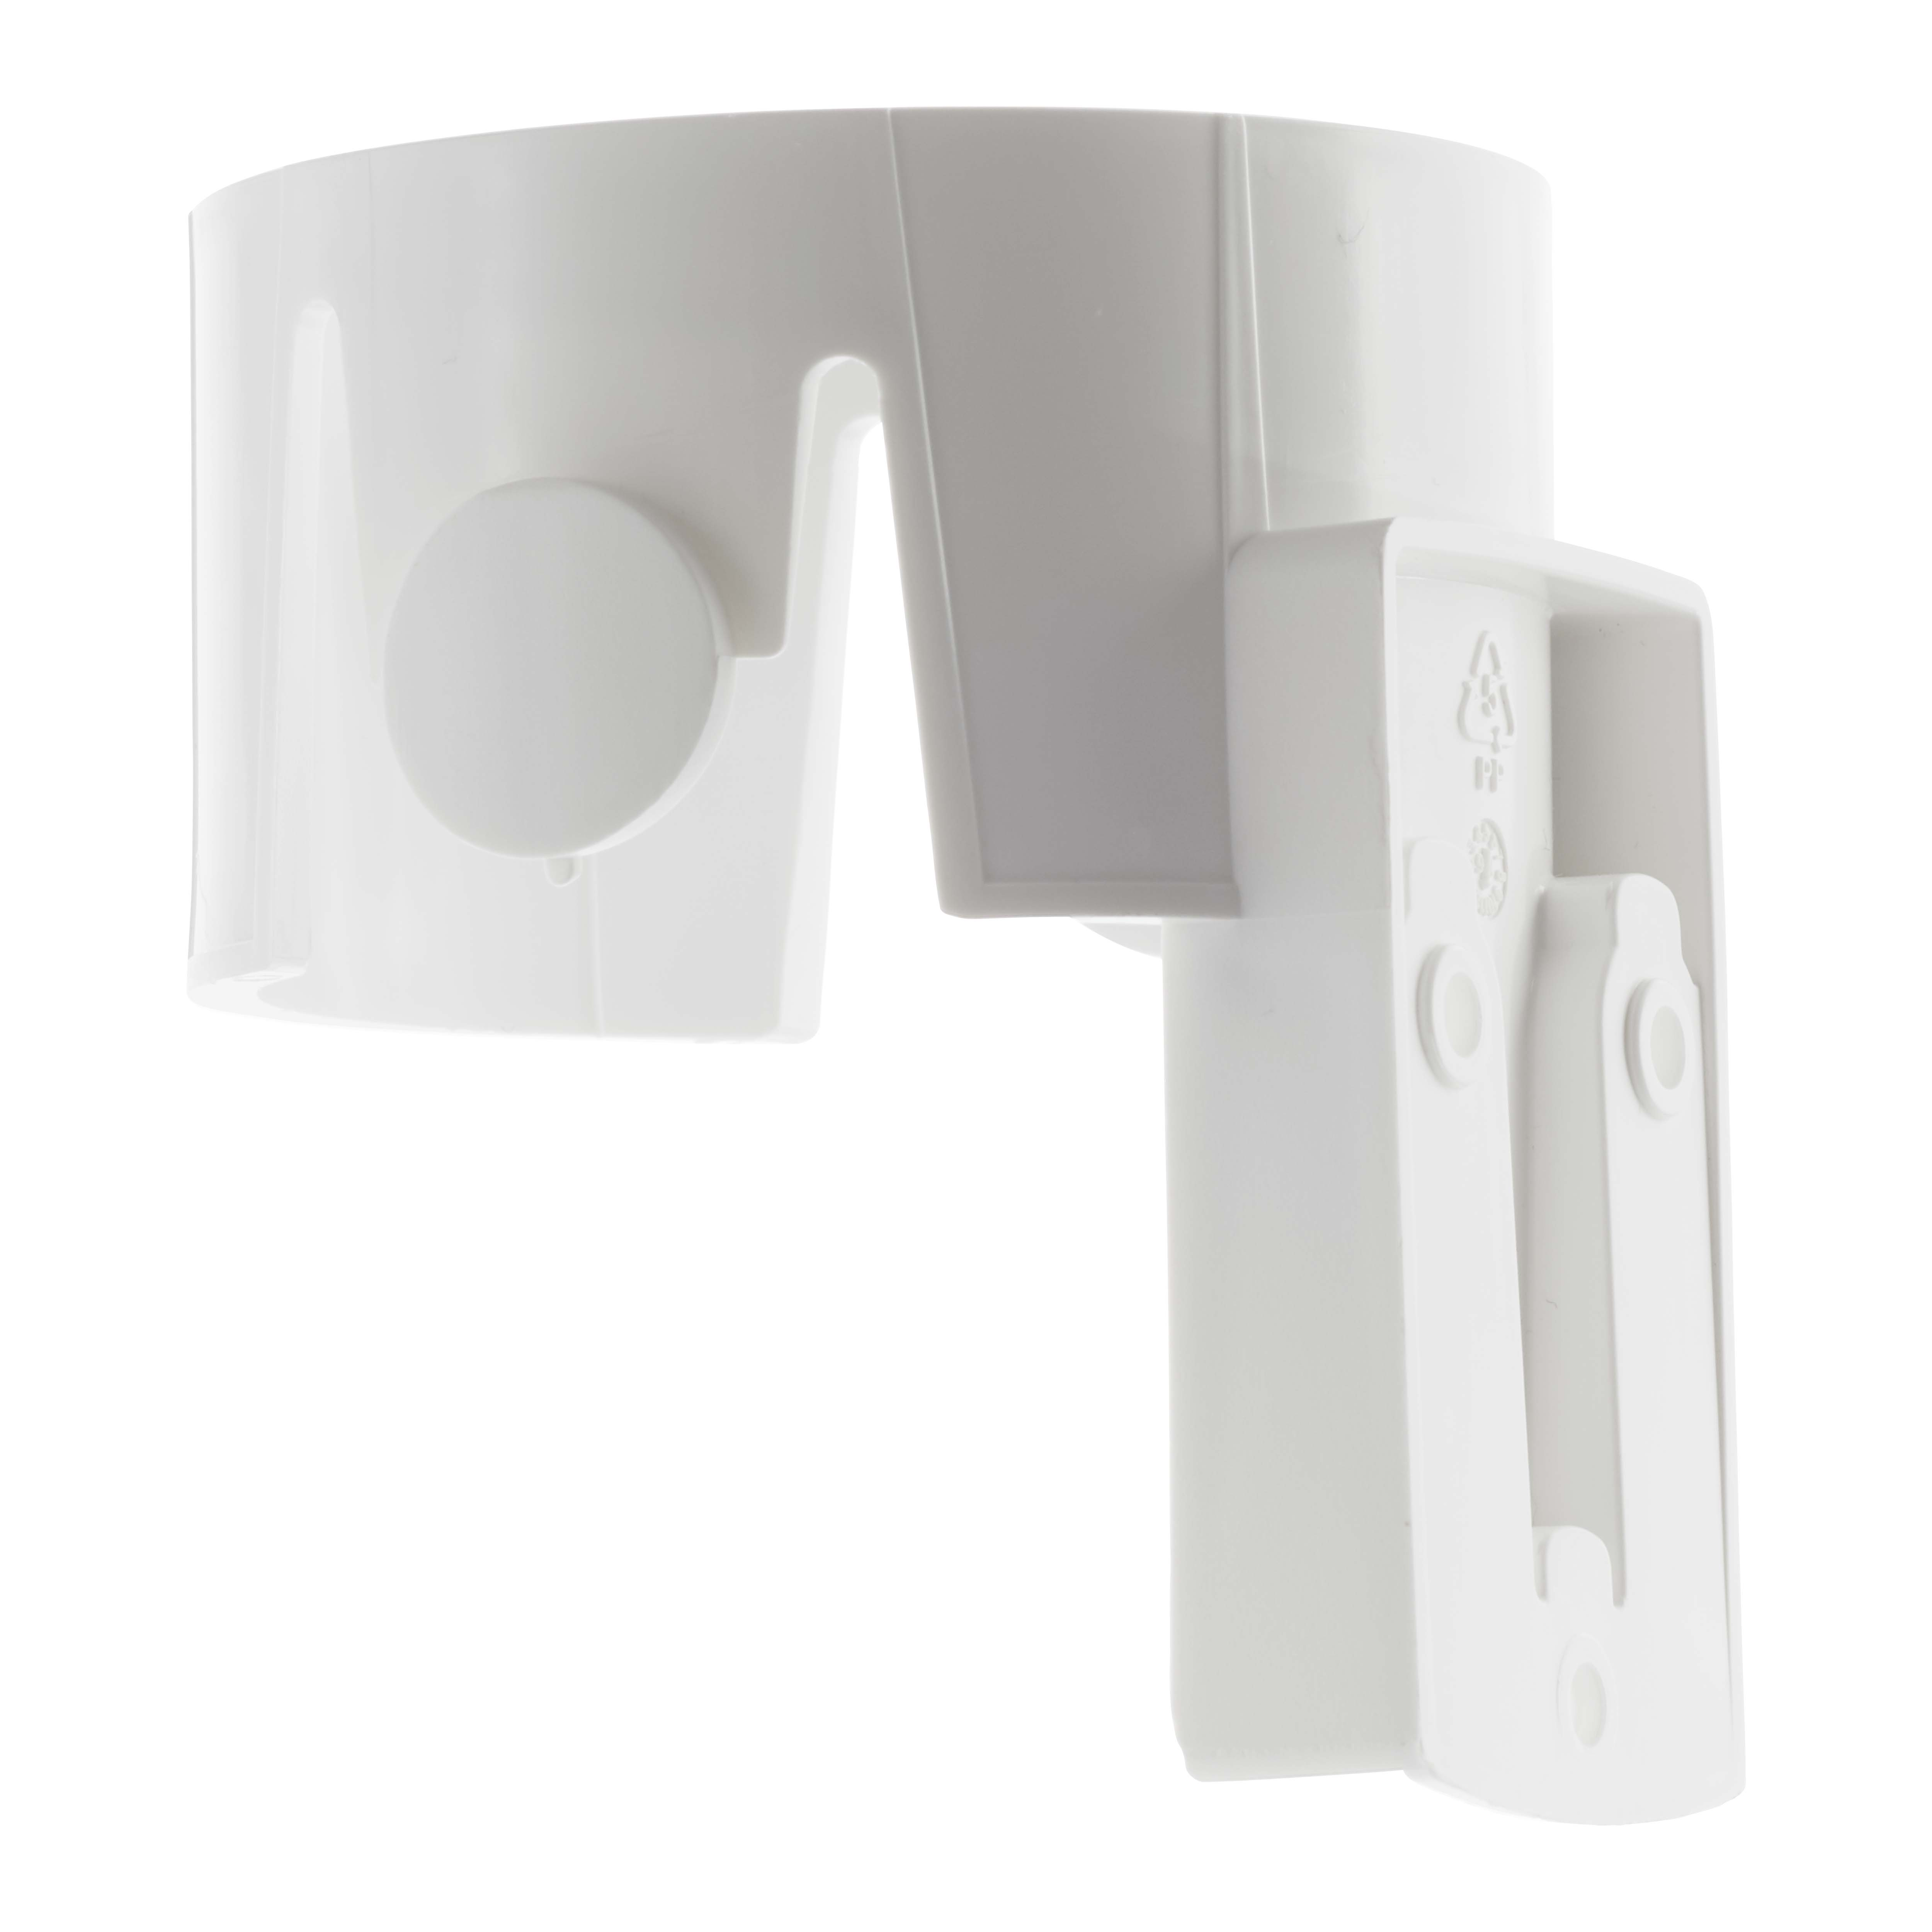 Oceanair - Brush & Stow Compact Toilet Brush